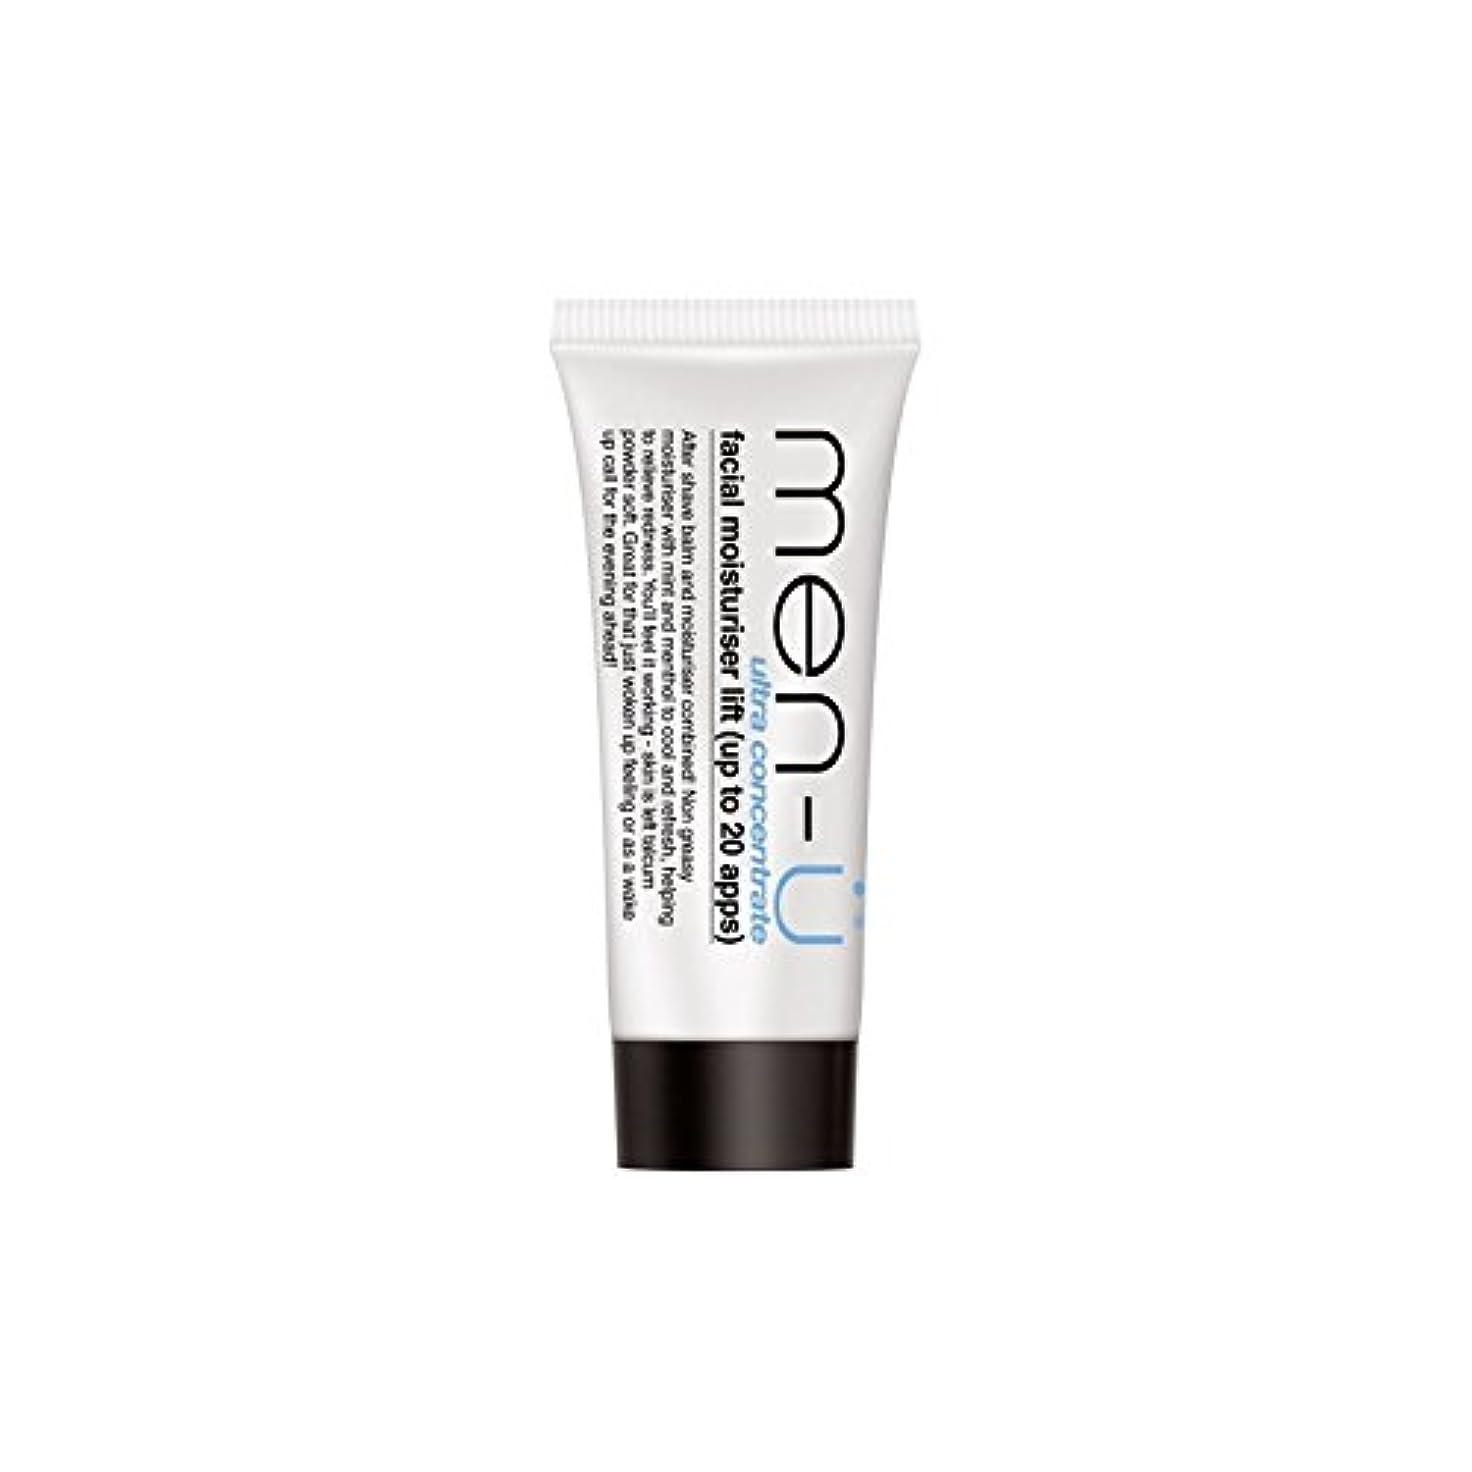 アンケートしないでください解釈的男性-のバディ顔の保湿剤のリフトチューブ(15ミリリットル) x2 - Men-? Buddy Facial Moisturiser Lift Tube (15ml) (Pack of 2) [並行輸入品]